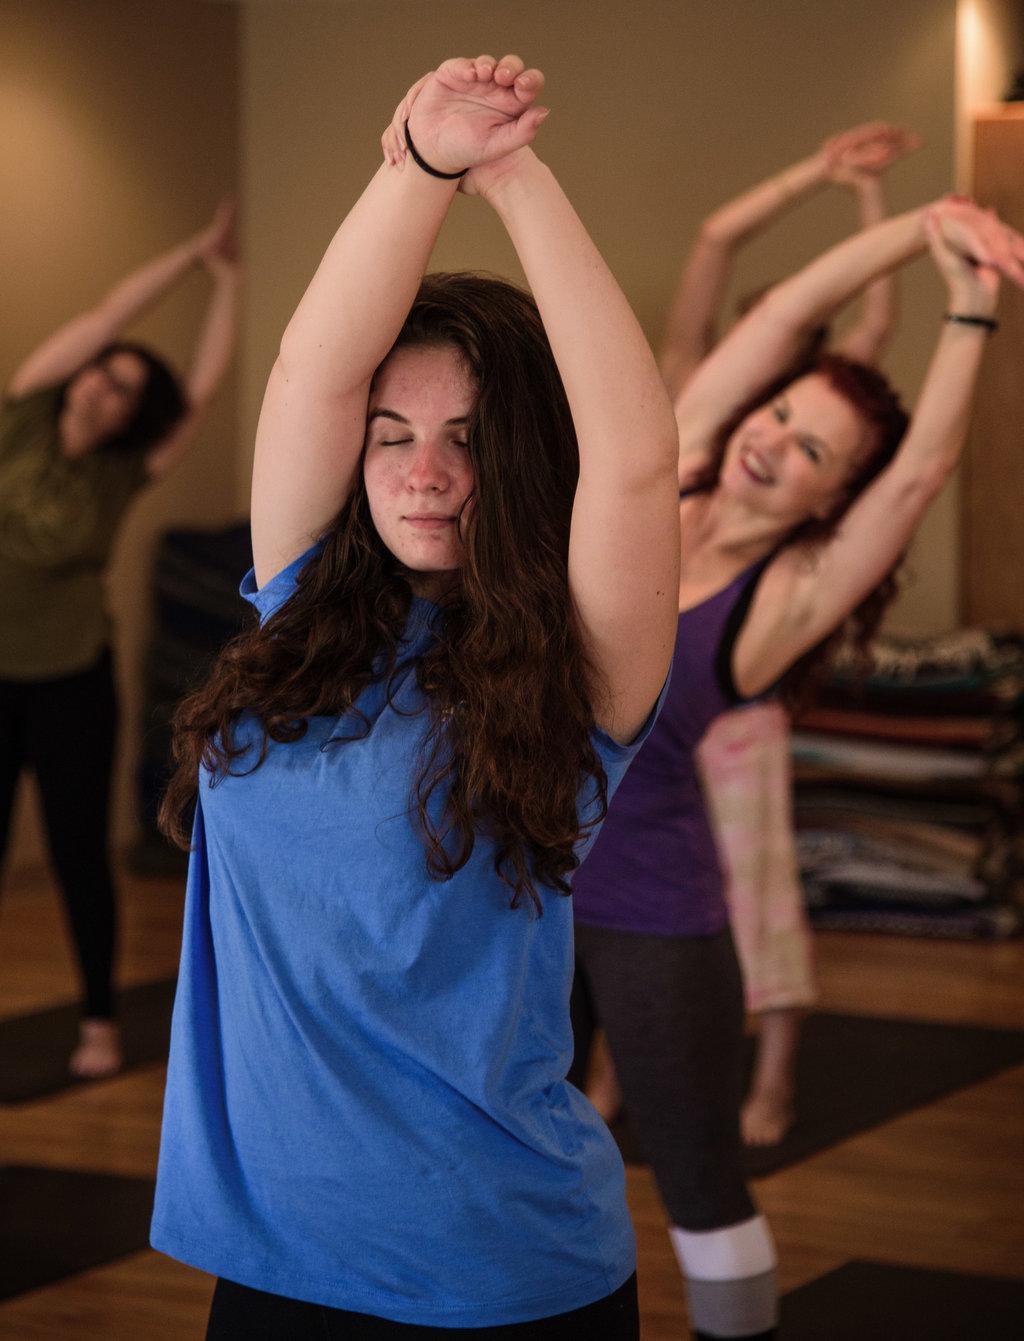 Extra Gentle Yoga